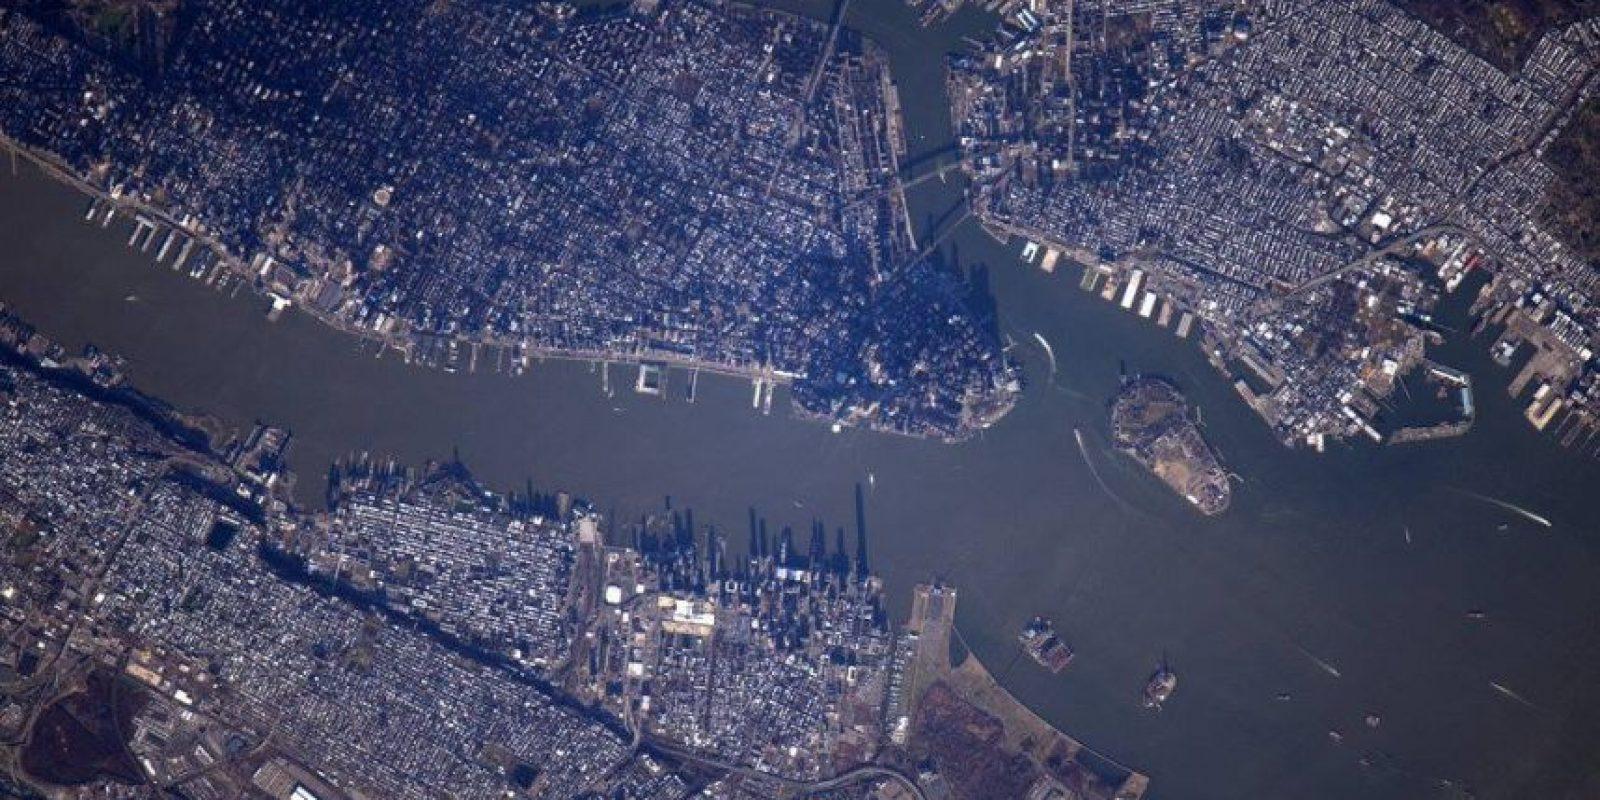 Esta es la vista de Nueva York y la Isla de Manhattan Foto:Facebook.com/pages/NASA-Astronaut-Scott-Kelly